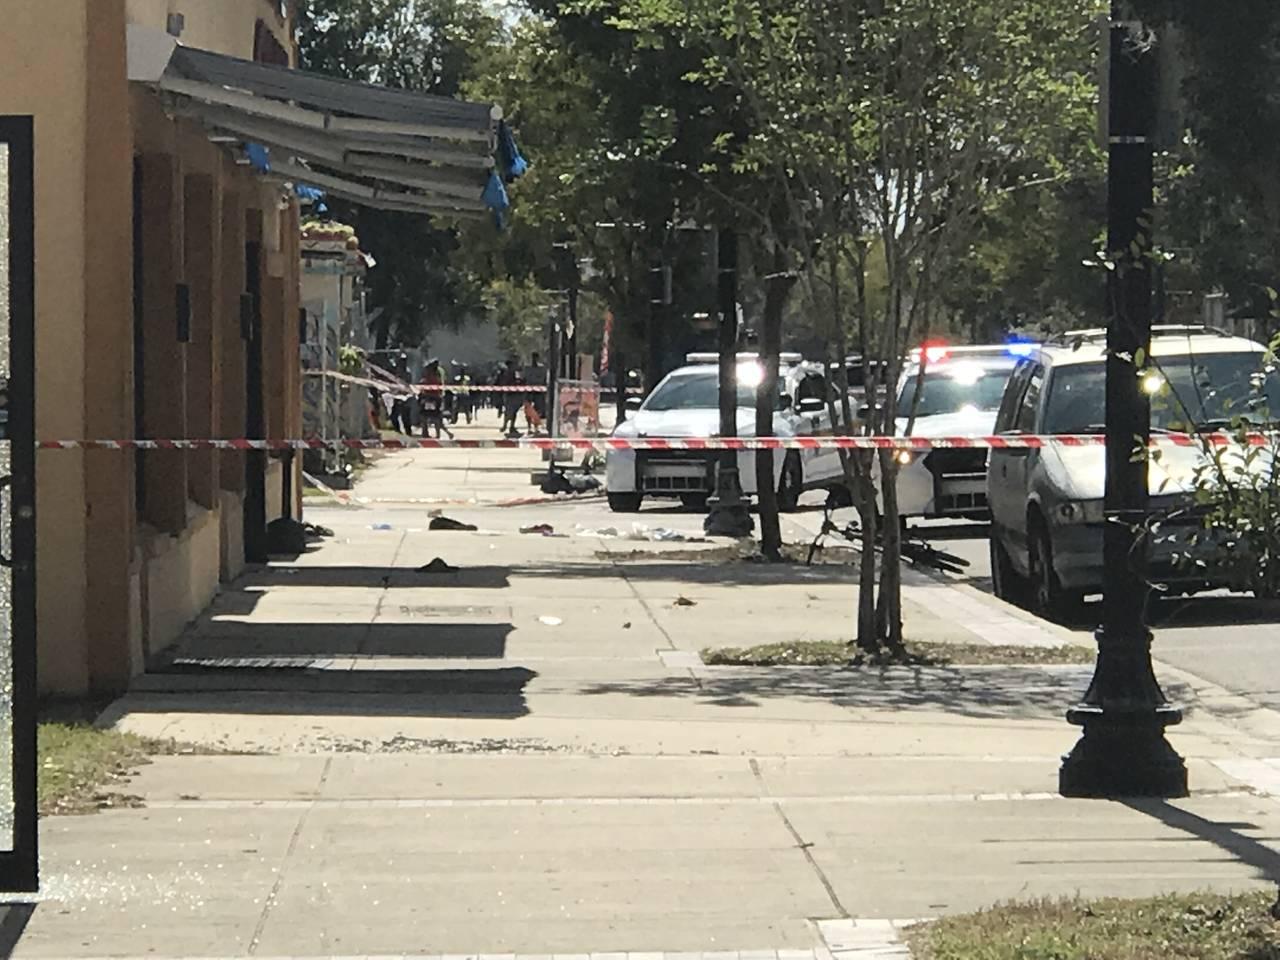 jacksonville shooting scene 1_1540150531780.jpg.jpg